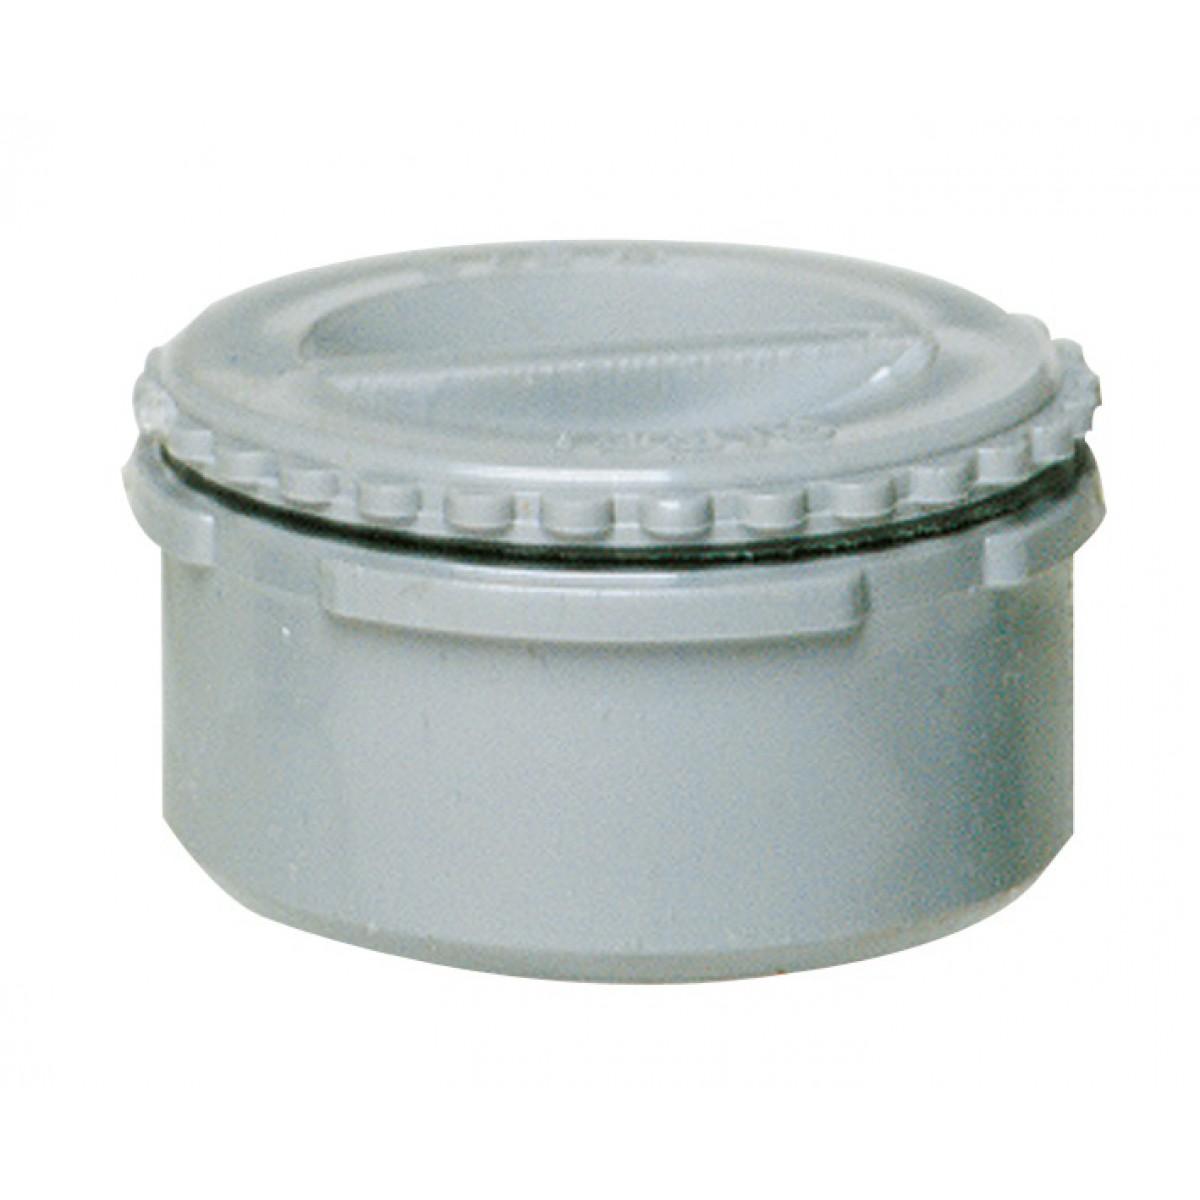 Bouchon de visite Femelle Girpi - Diamètre 50 mm